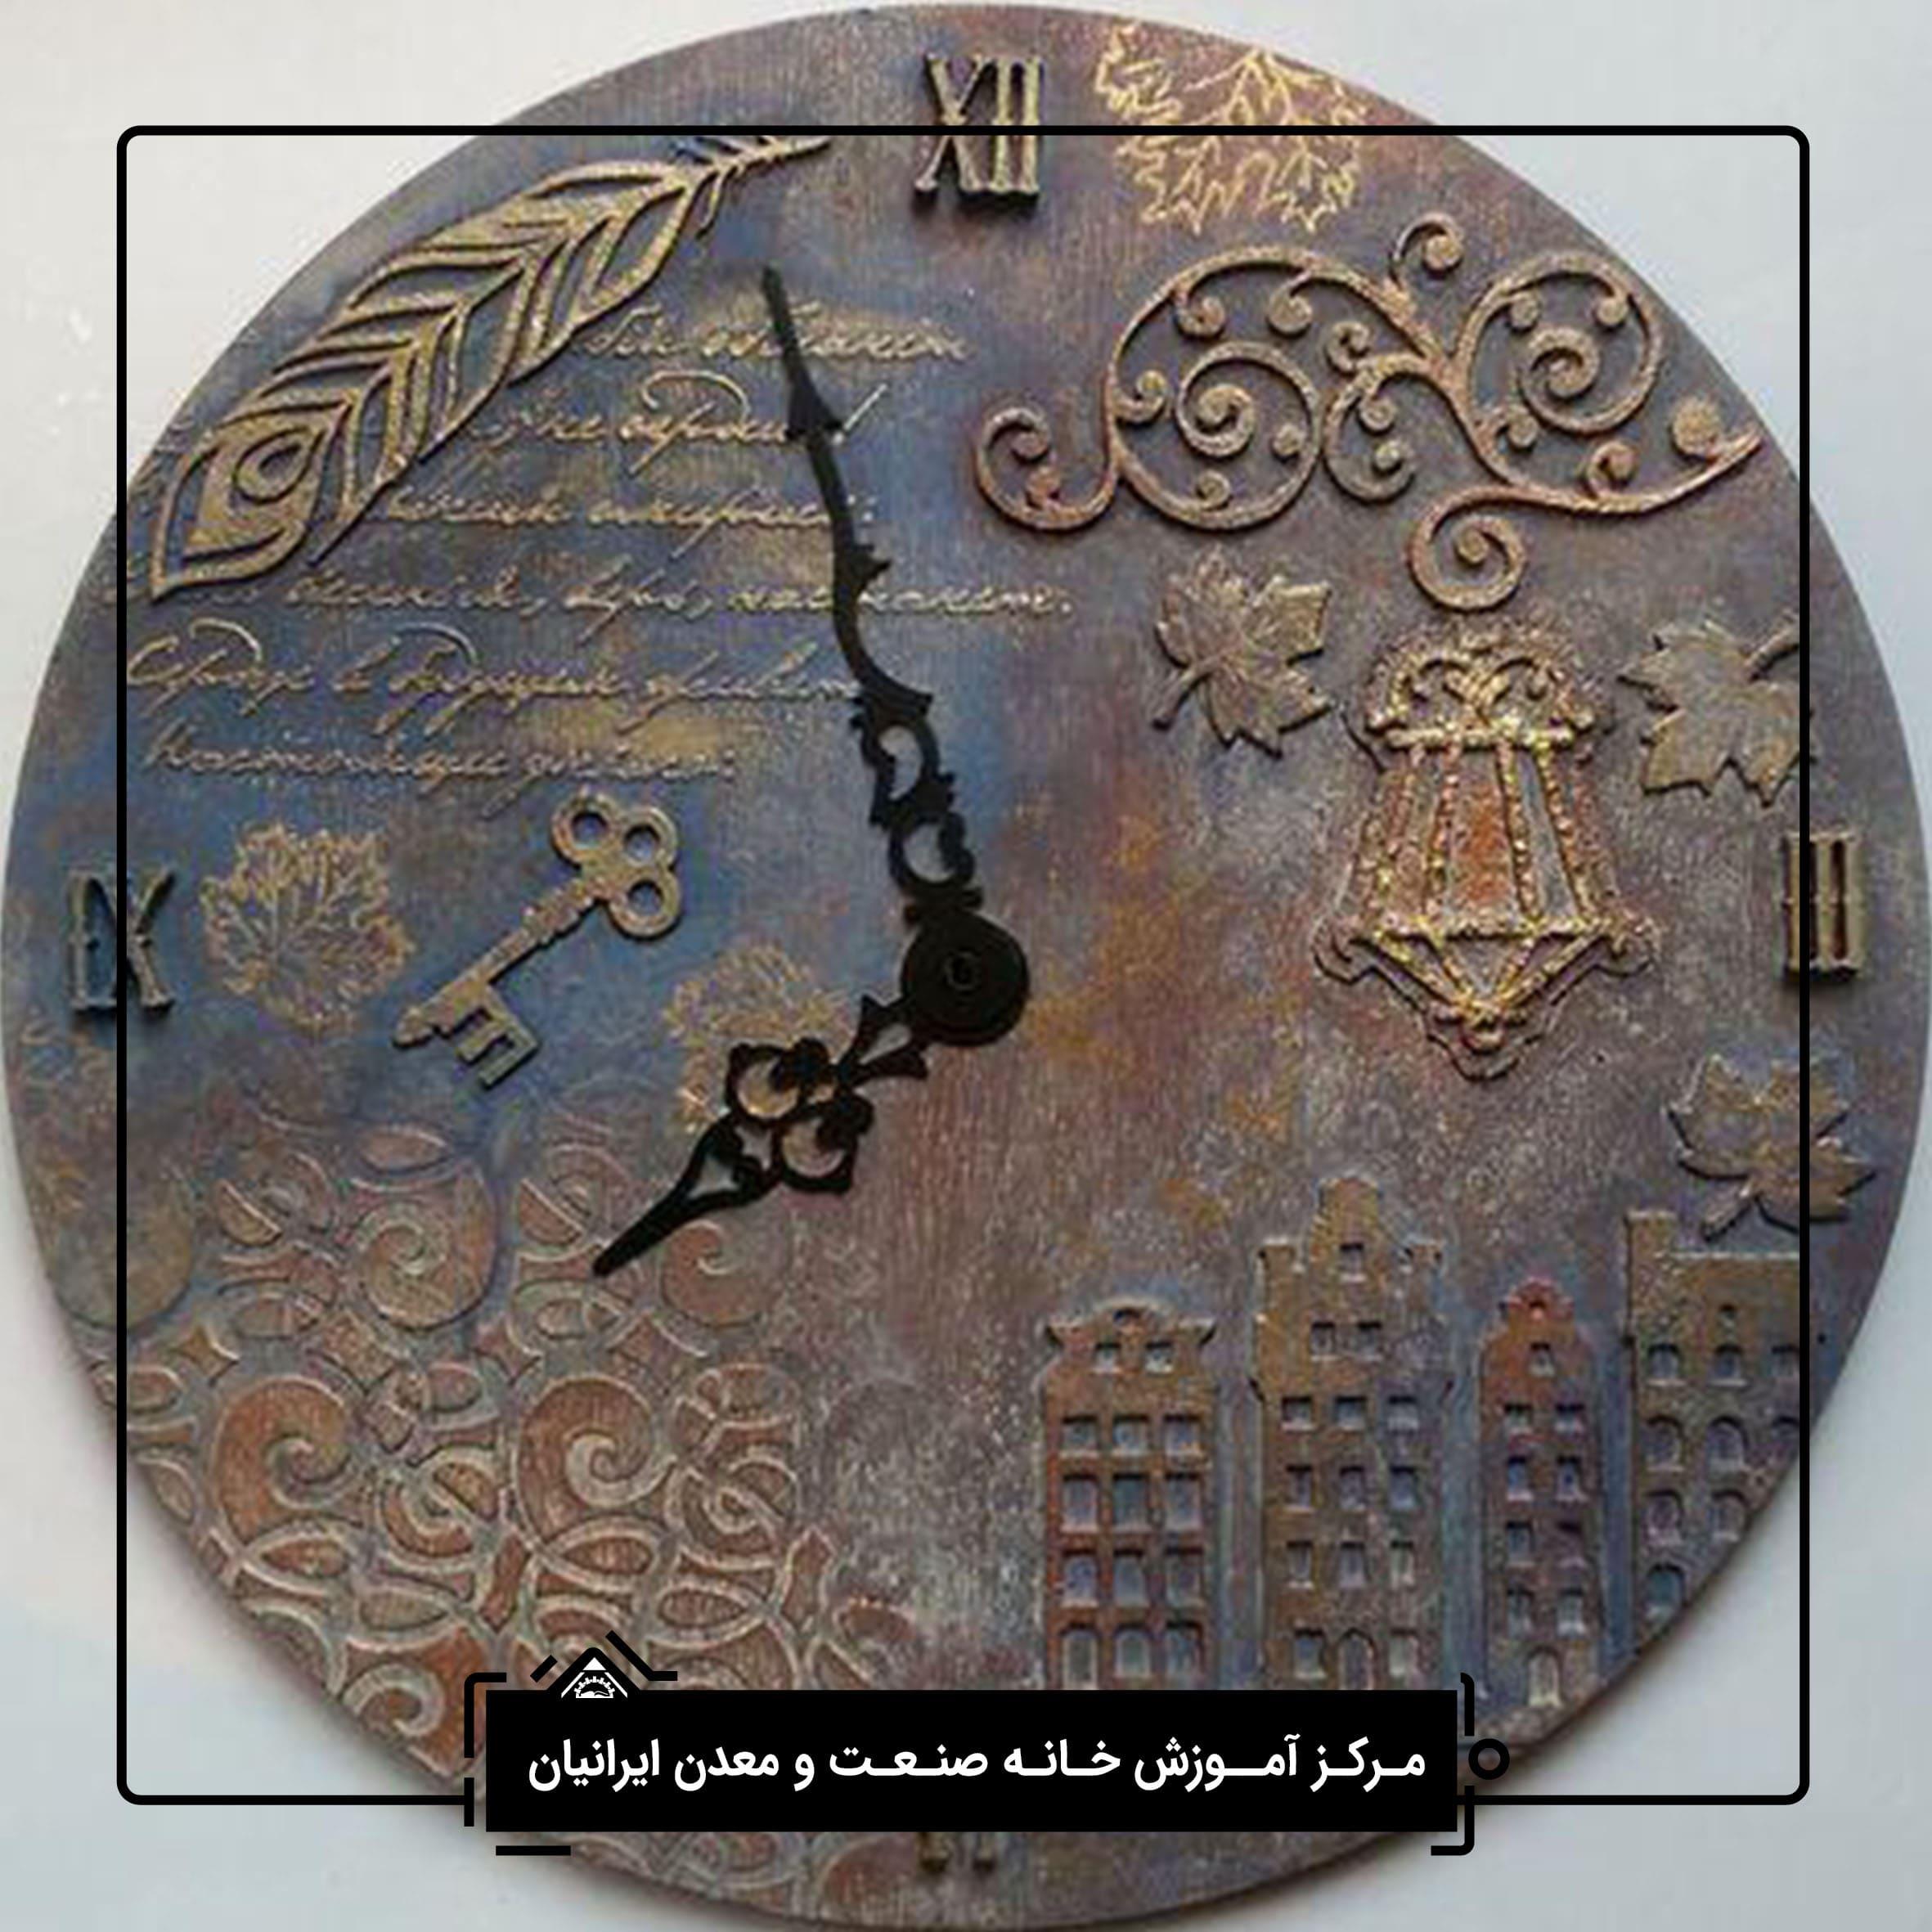 پتینه چوب در شیراز - کارگاه صنایع دستی در شیراز